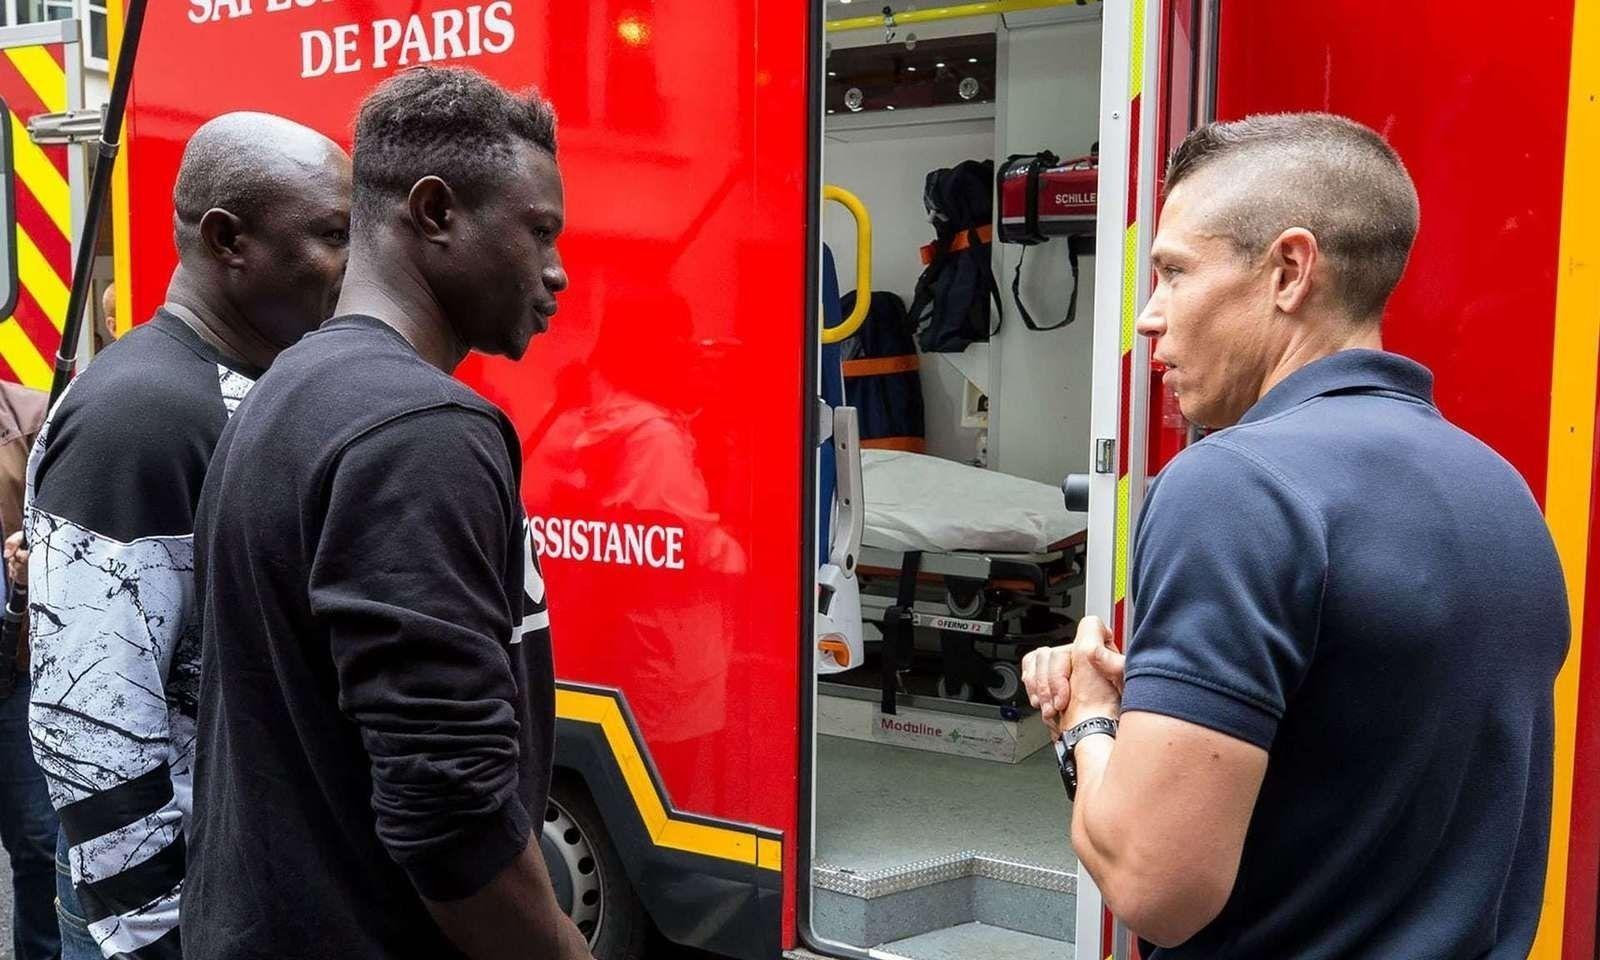 """Парисын """"хүн аалз"""" ажилд орж, тогтмол цалинтай болжээ"""